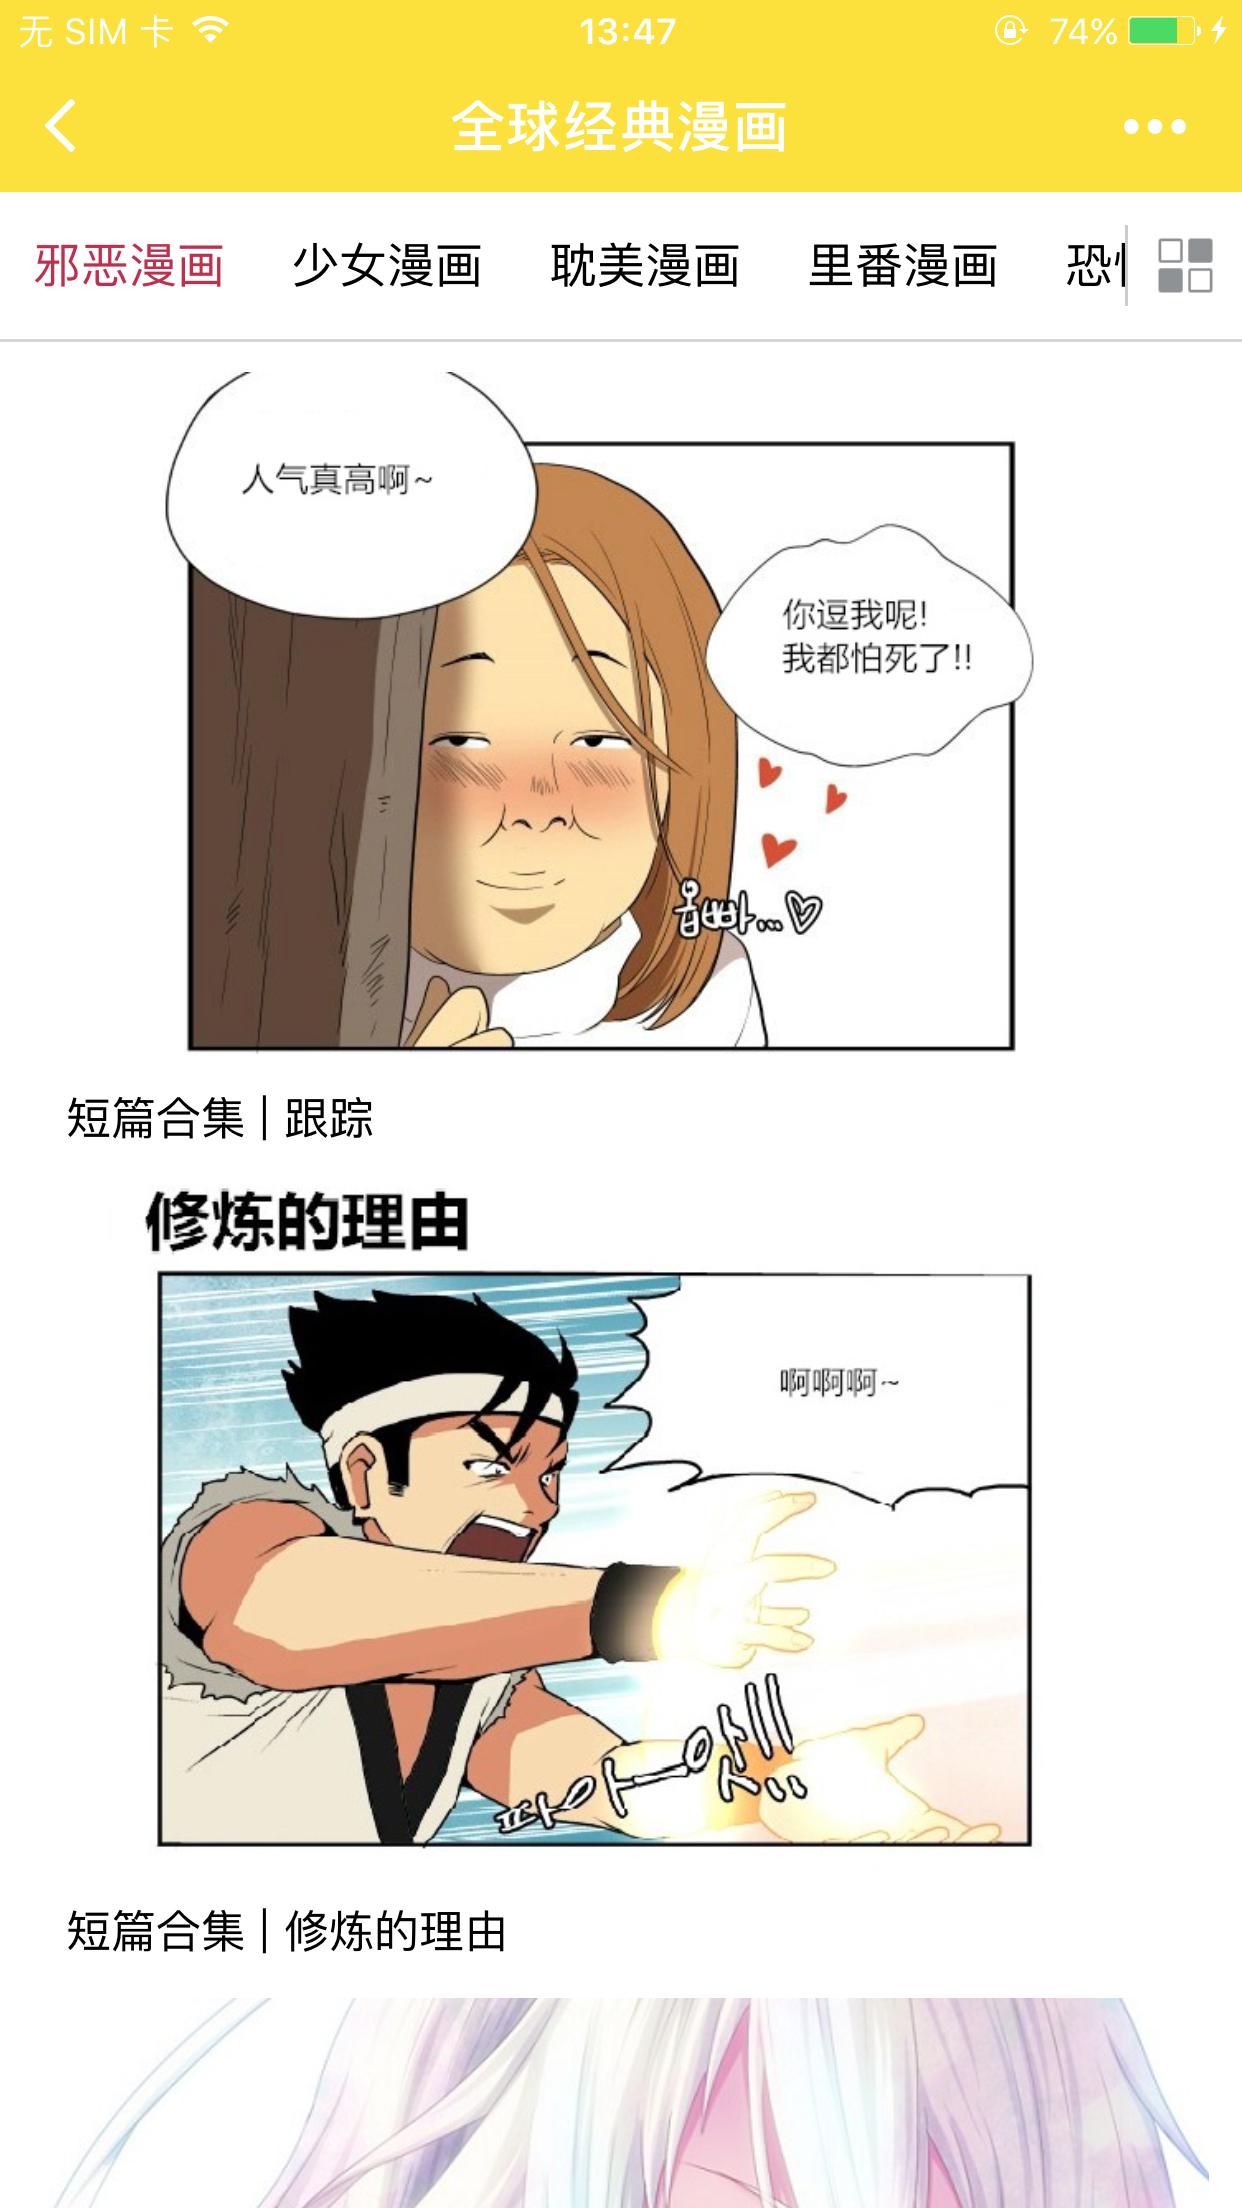 全球经典漫画